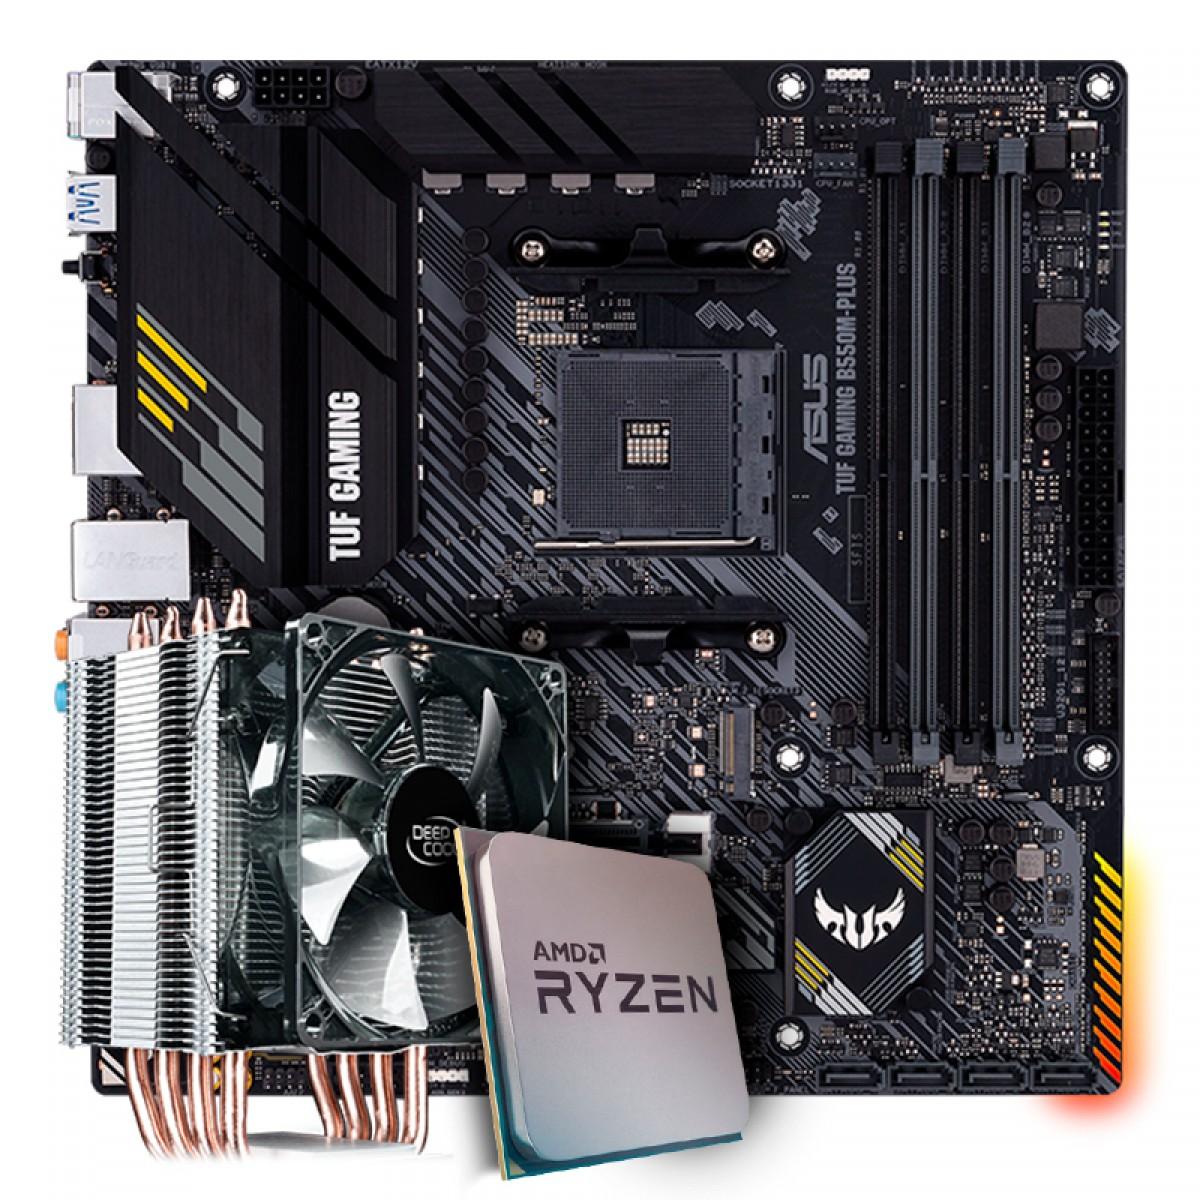 Kit Upgrade, AMD Ryzen 9 3900X, Asus TUF Gaming B550M-Plus Wi-fi, Cooler Deepcool Gammaxx